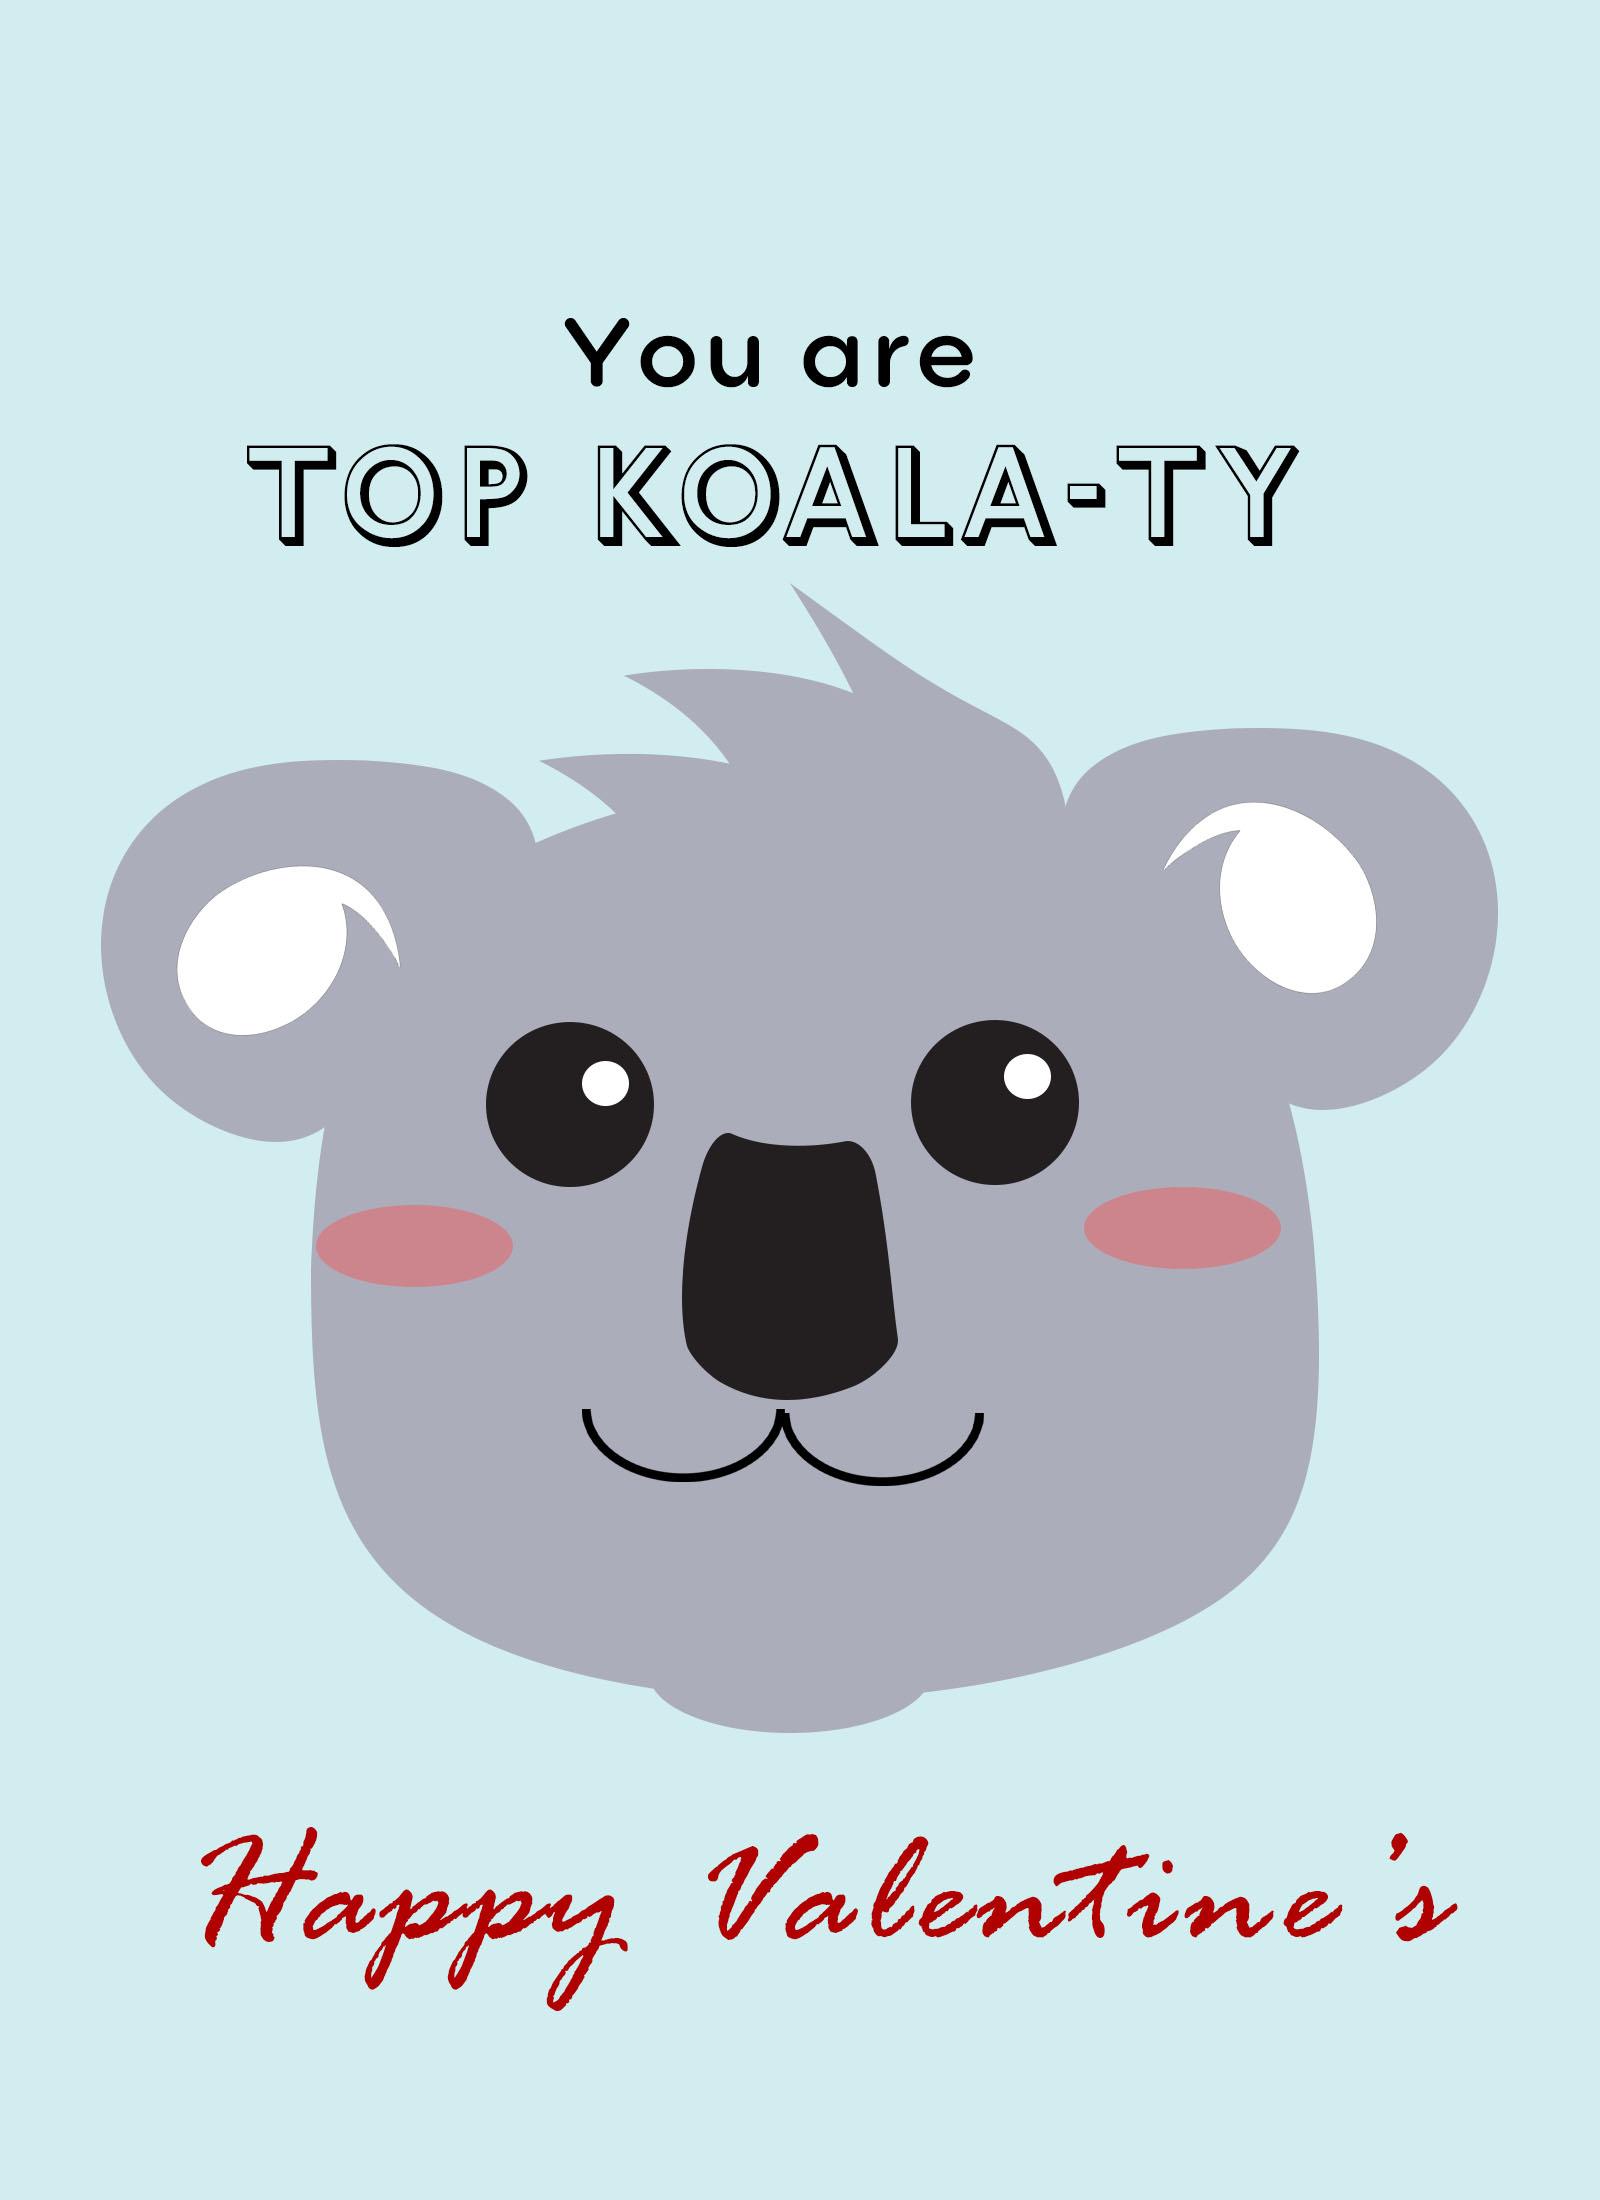 koala ecard for valentines